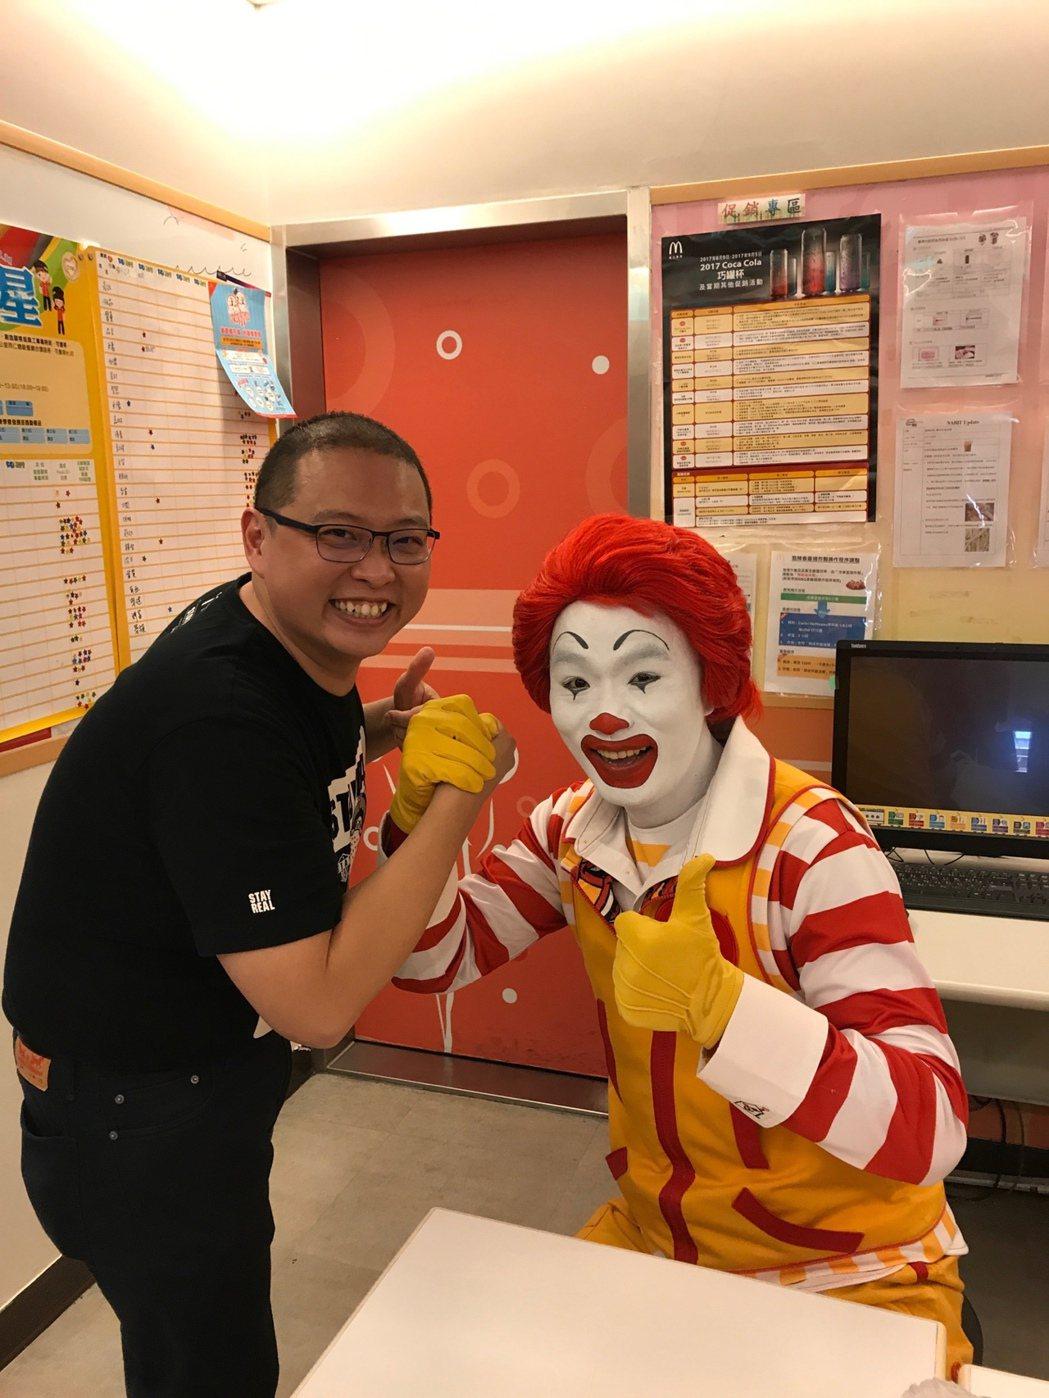 麥當勞吳鳳南餐廳是雲嘉嘉地區唯一的加盟店,加盟經營者唐有建(左)現年39歲,他對...